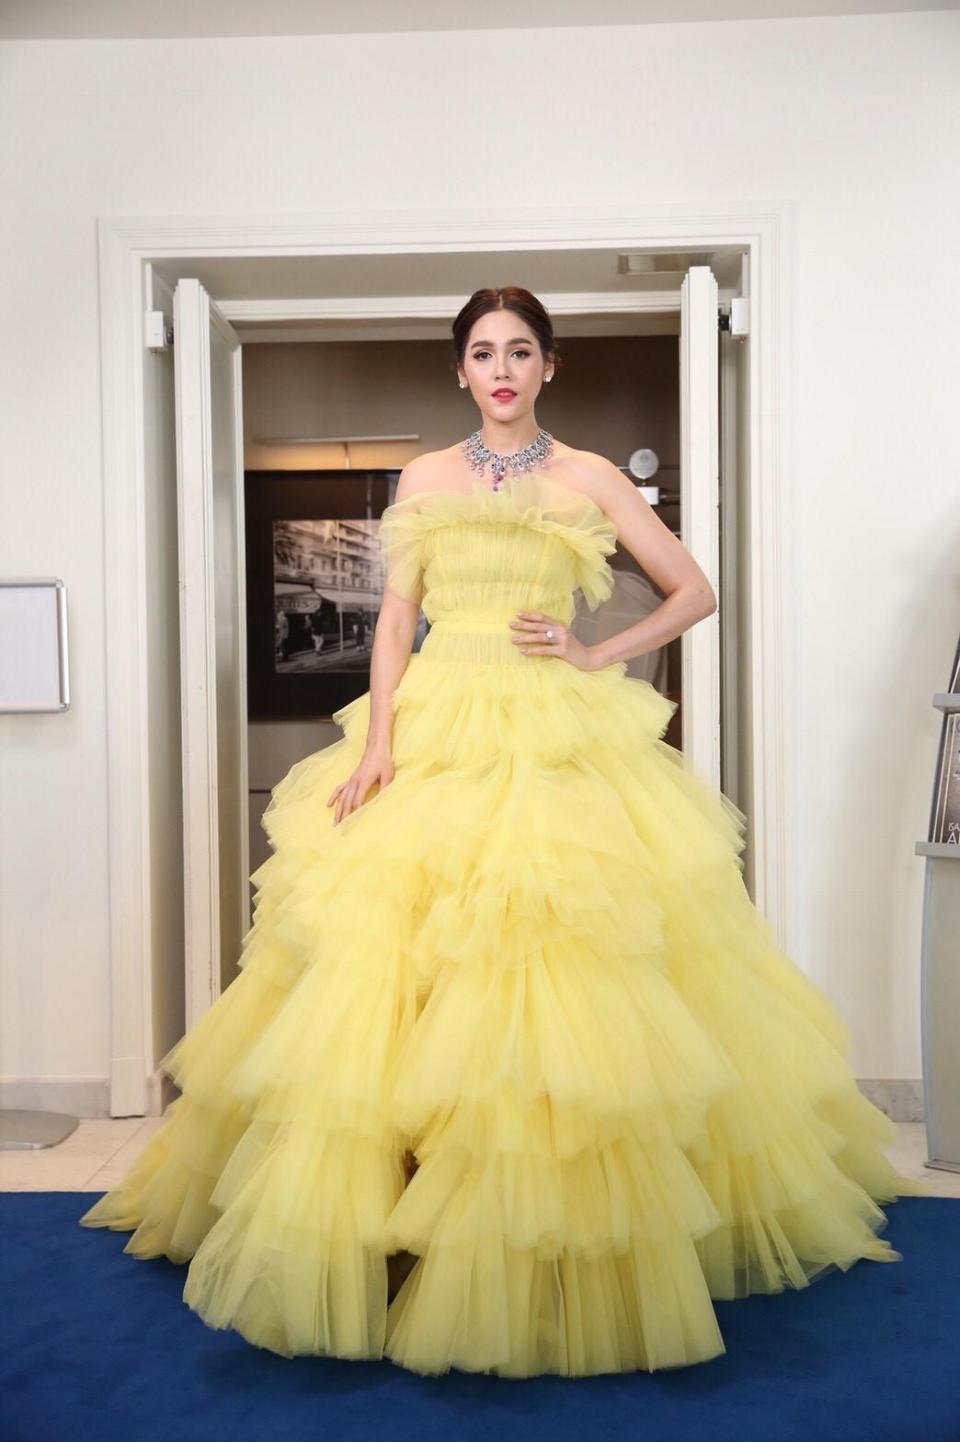 17 bộ váy đẹp nhất thảm đỏ Cannes 2018 thì ắt hơn chục bộ chỉ dành cho những nàng ngực mini - Ảnh 12.